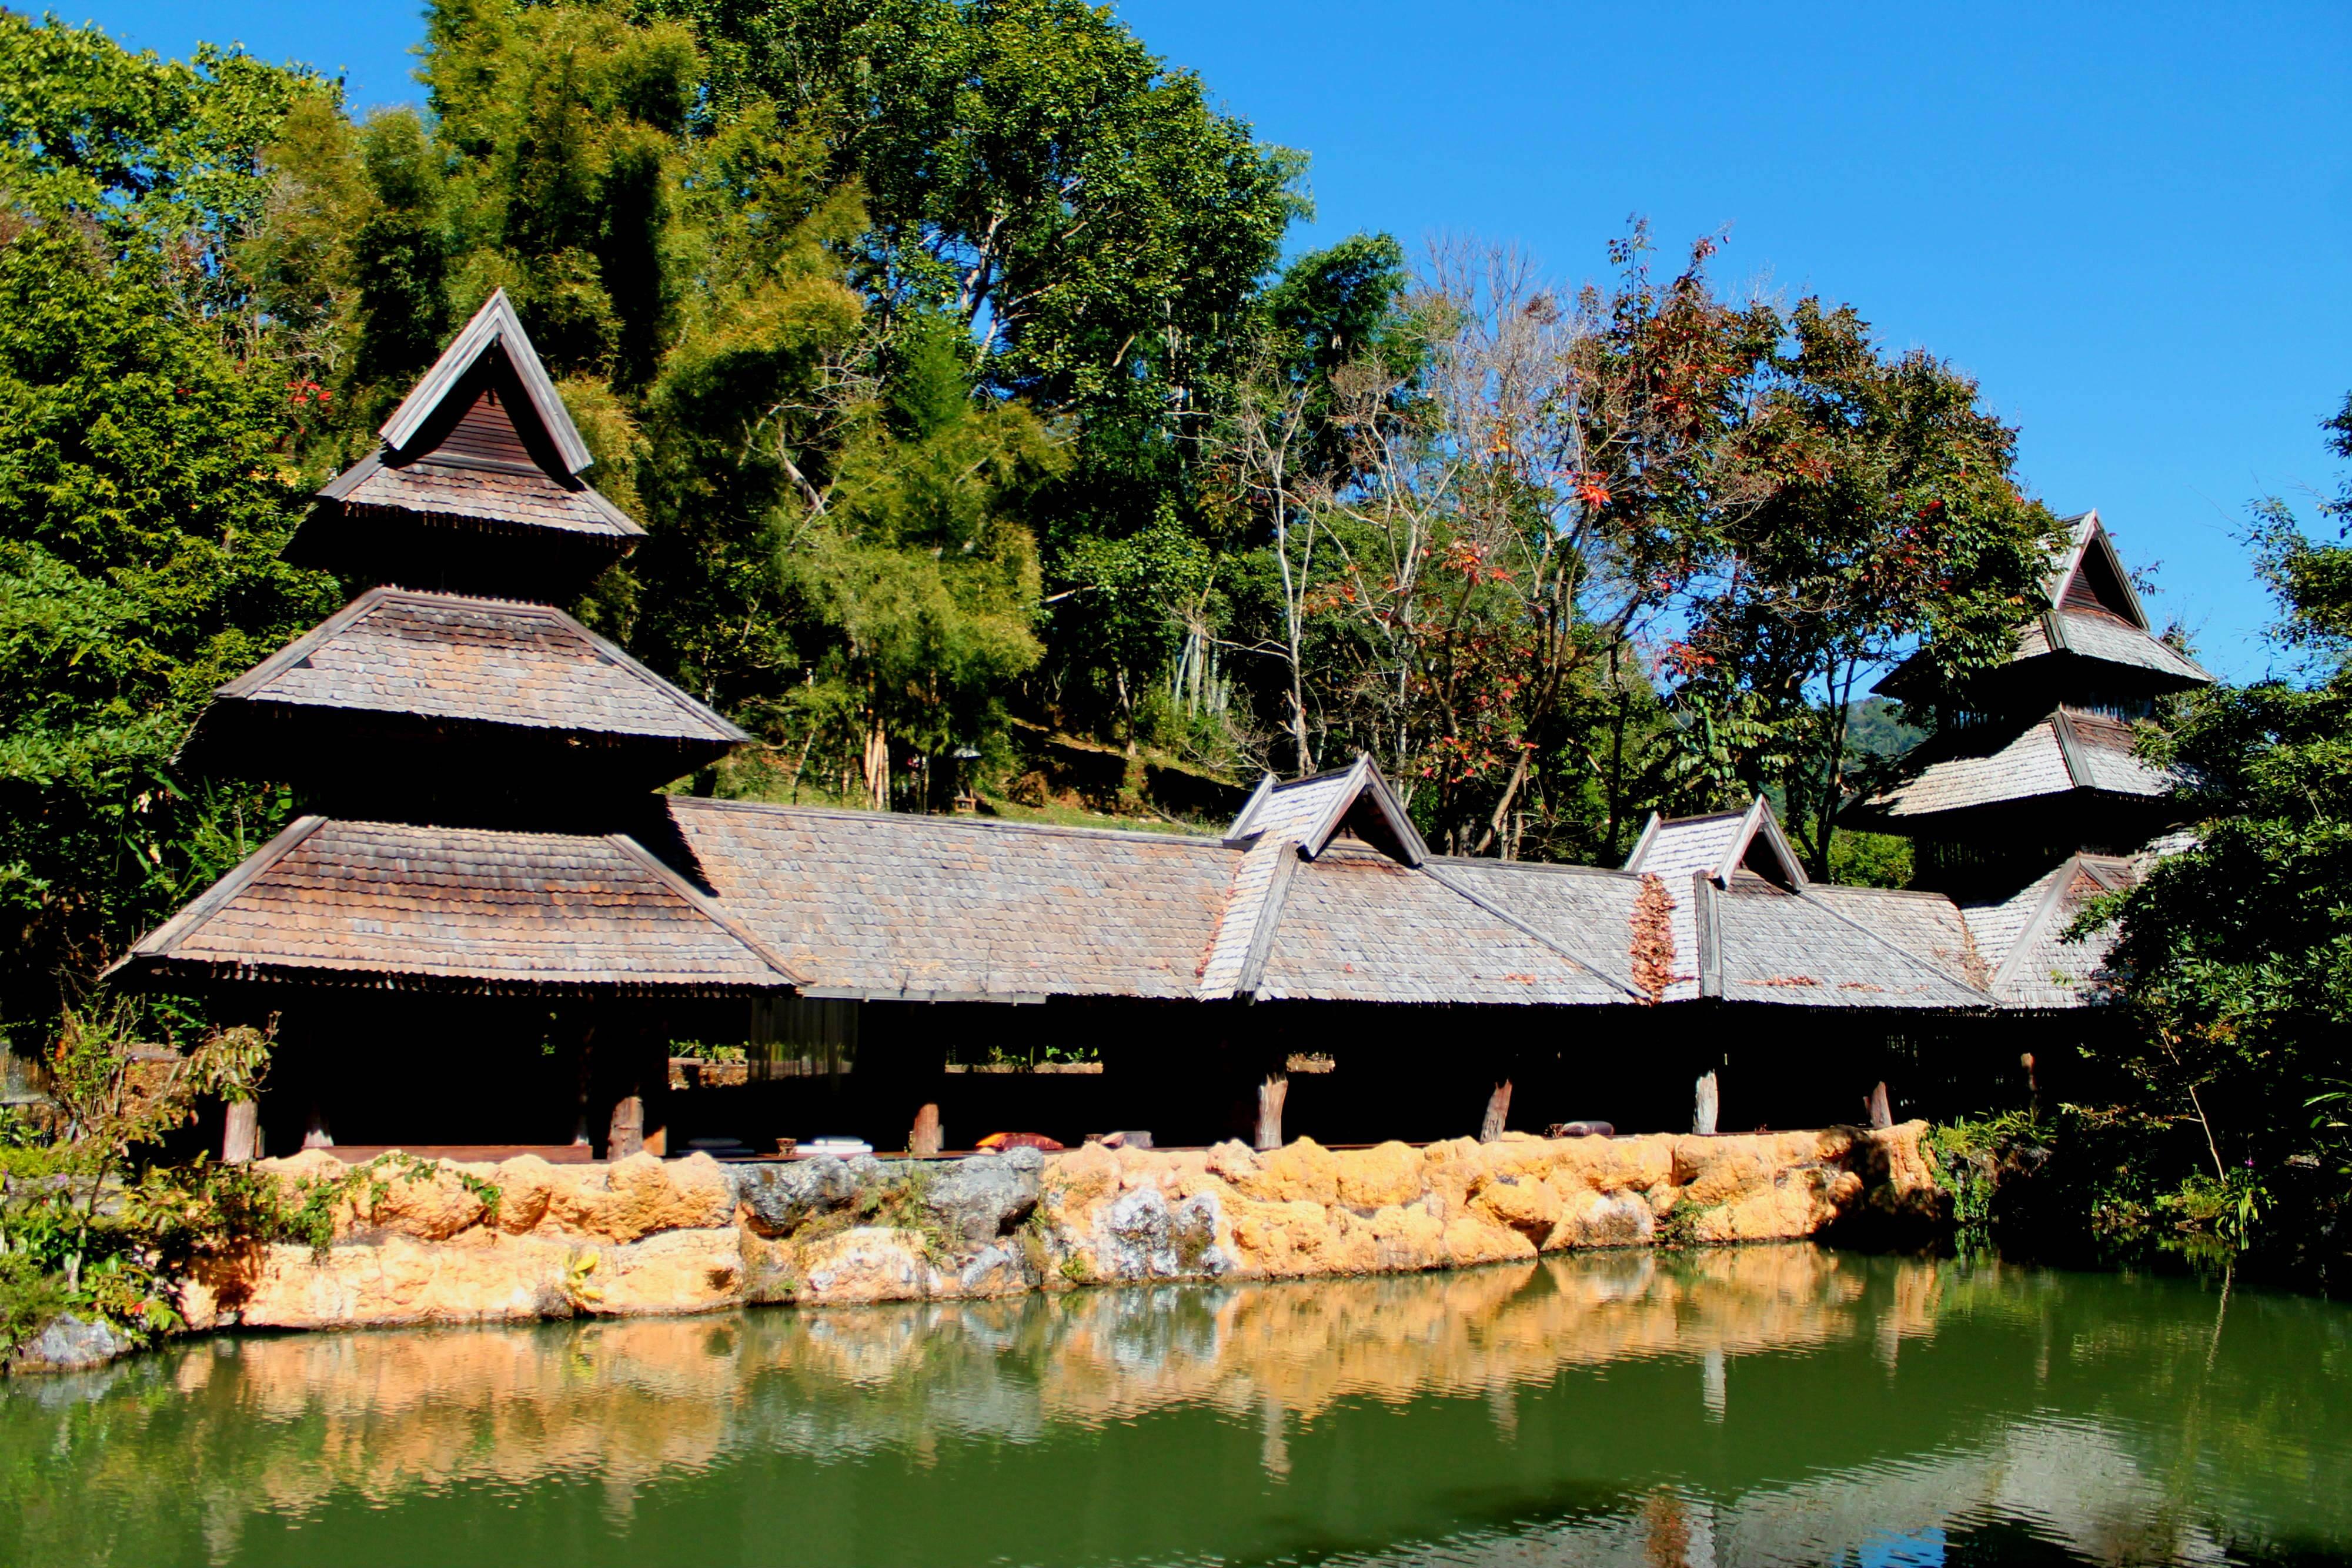 Hospedagem em Chiang Mai: comentários sobre o Panviman Chiang Mai Spa Resort